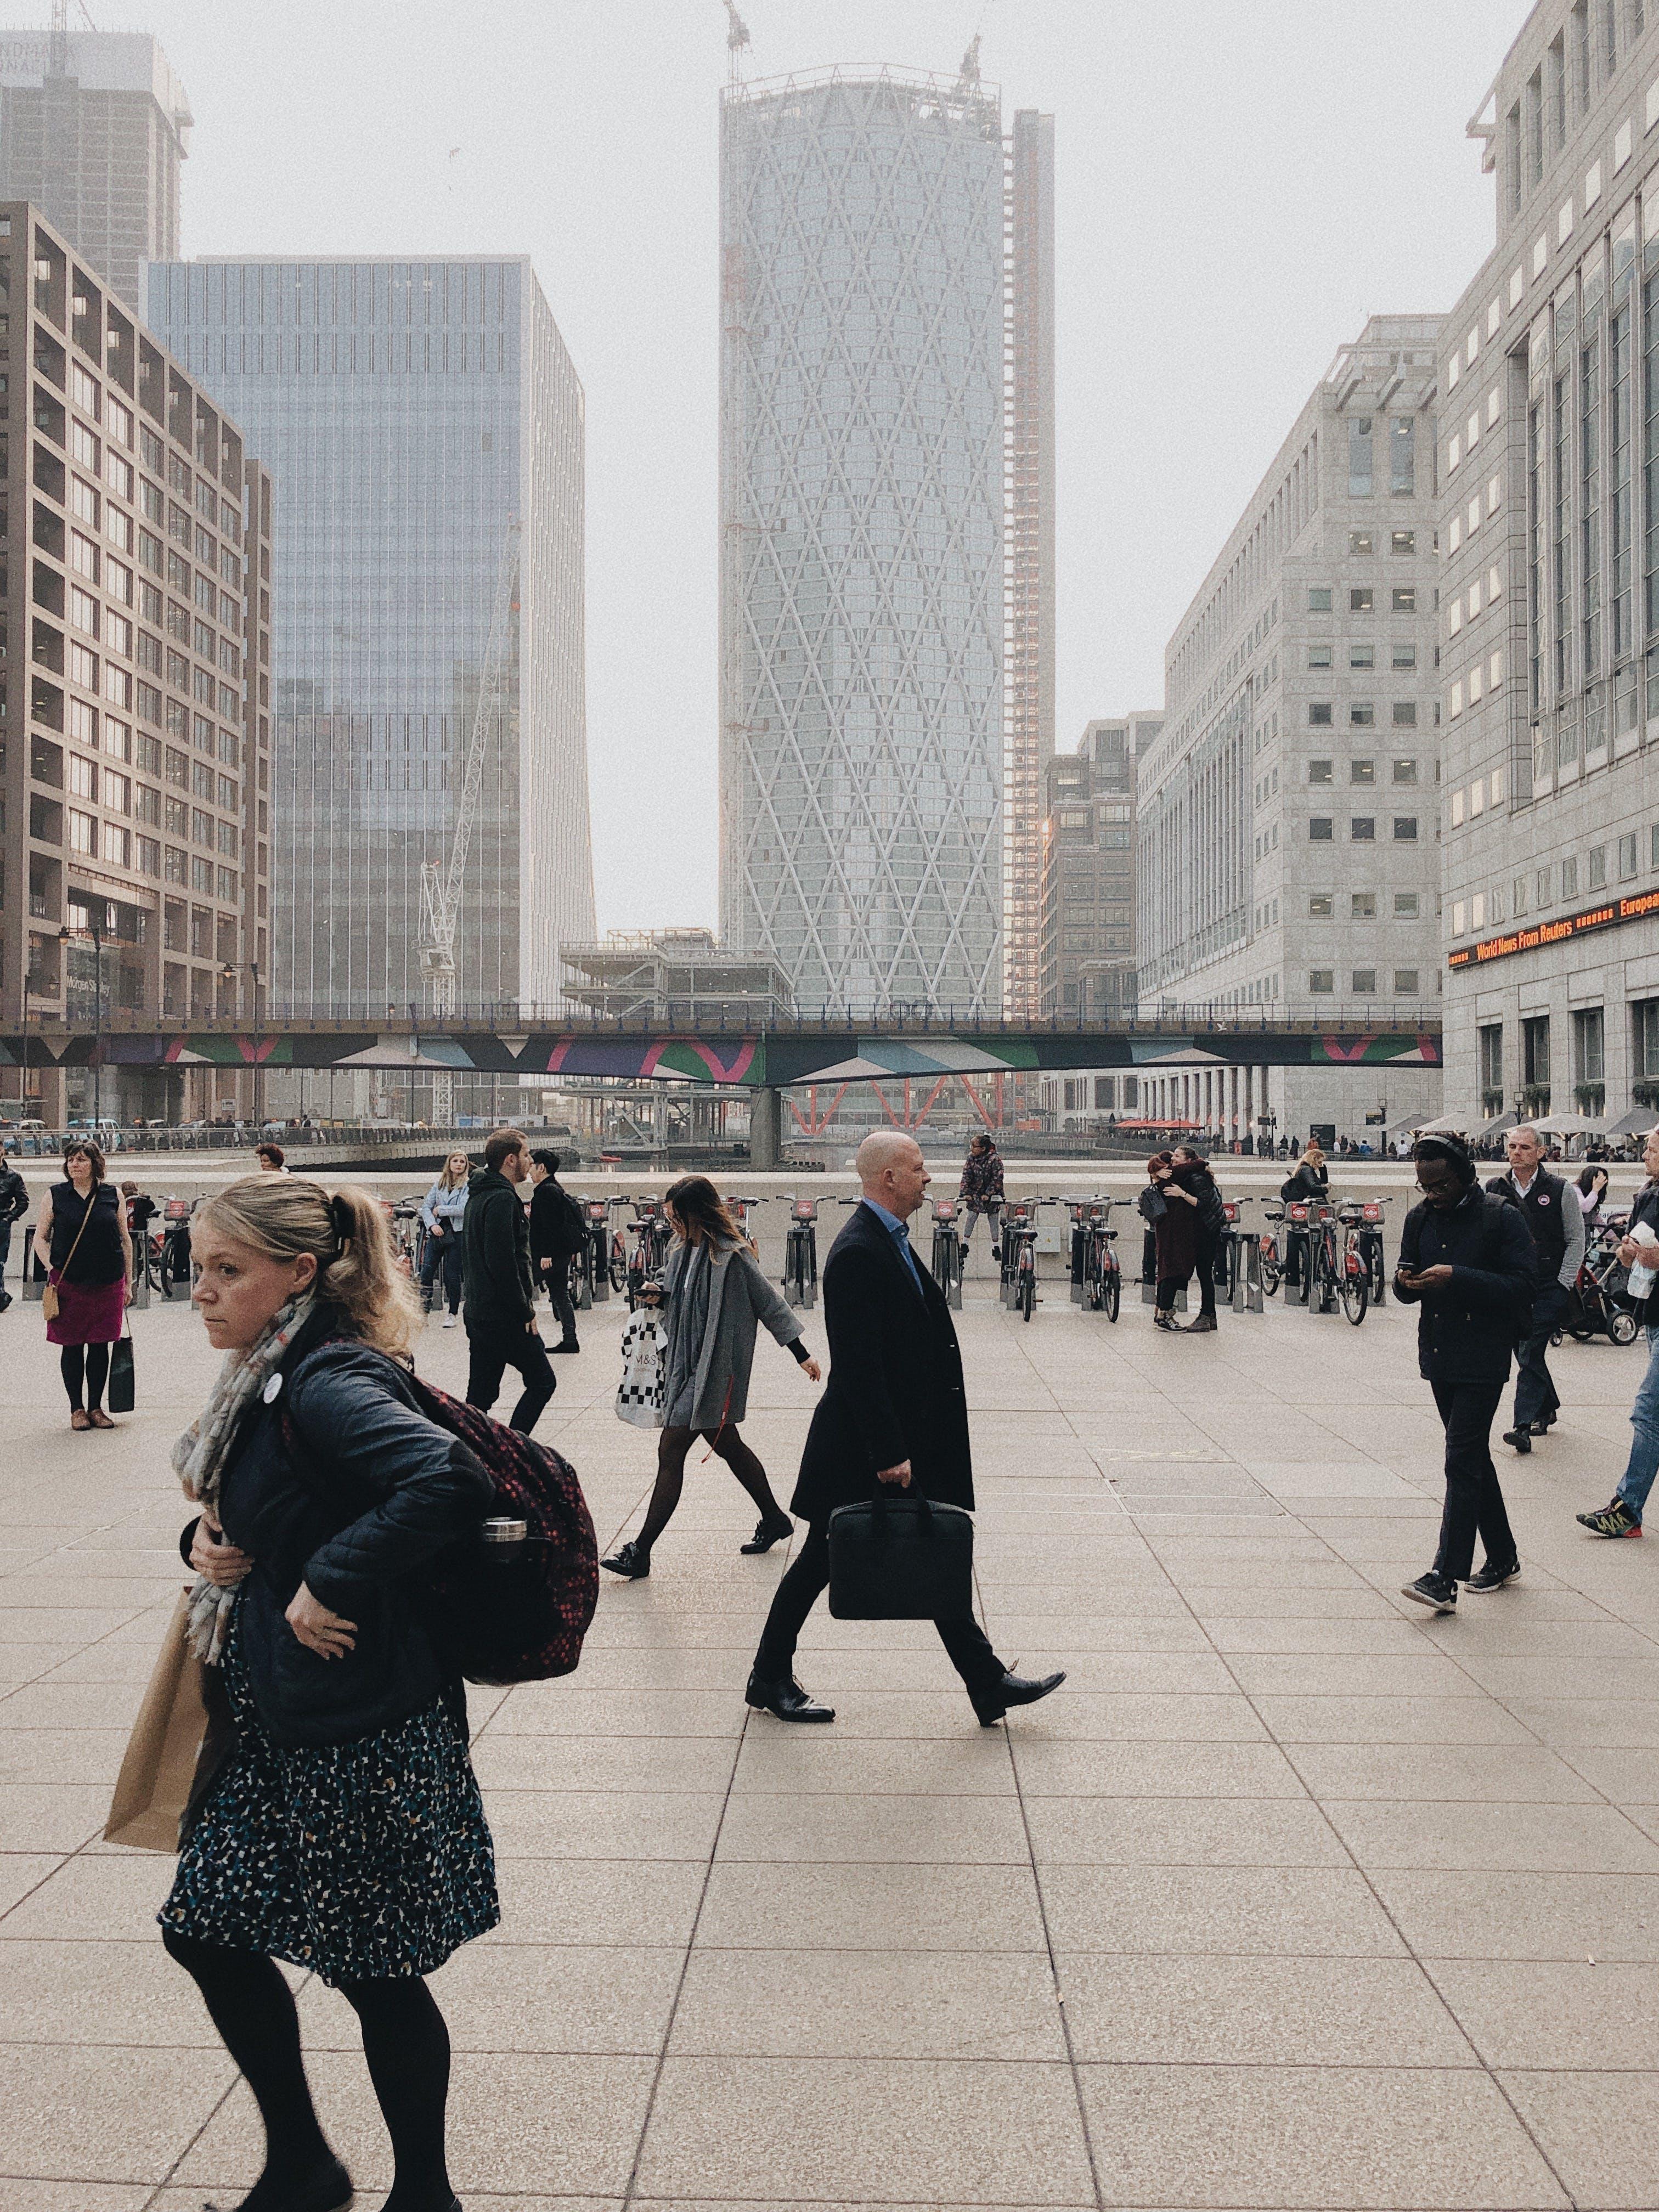 人, 商人, 商業, 城市 的 免費圖庫相片